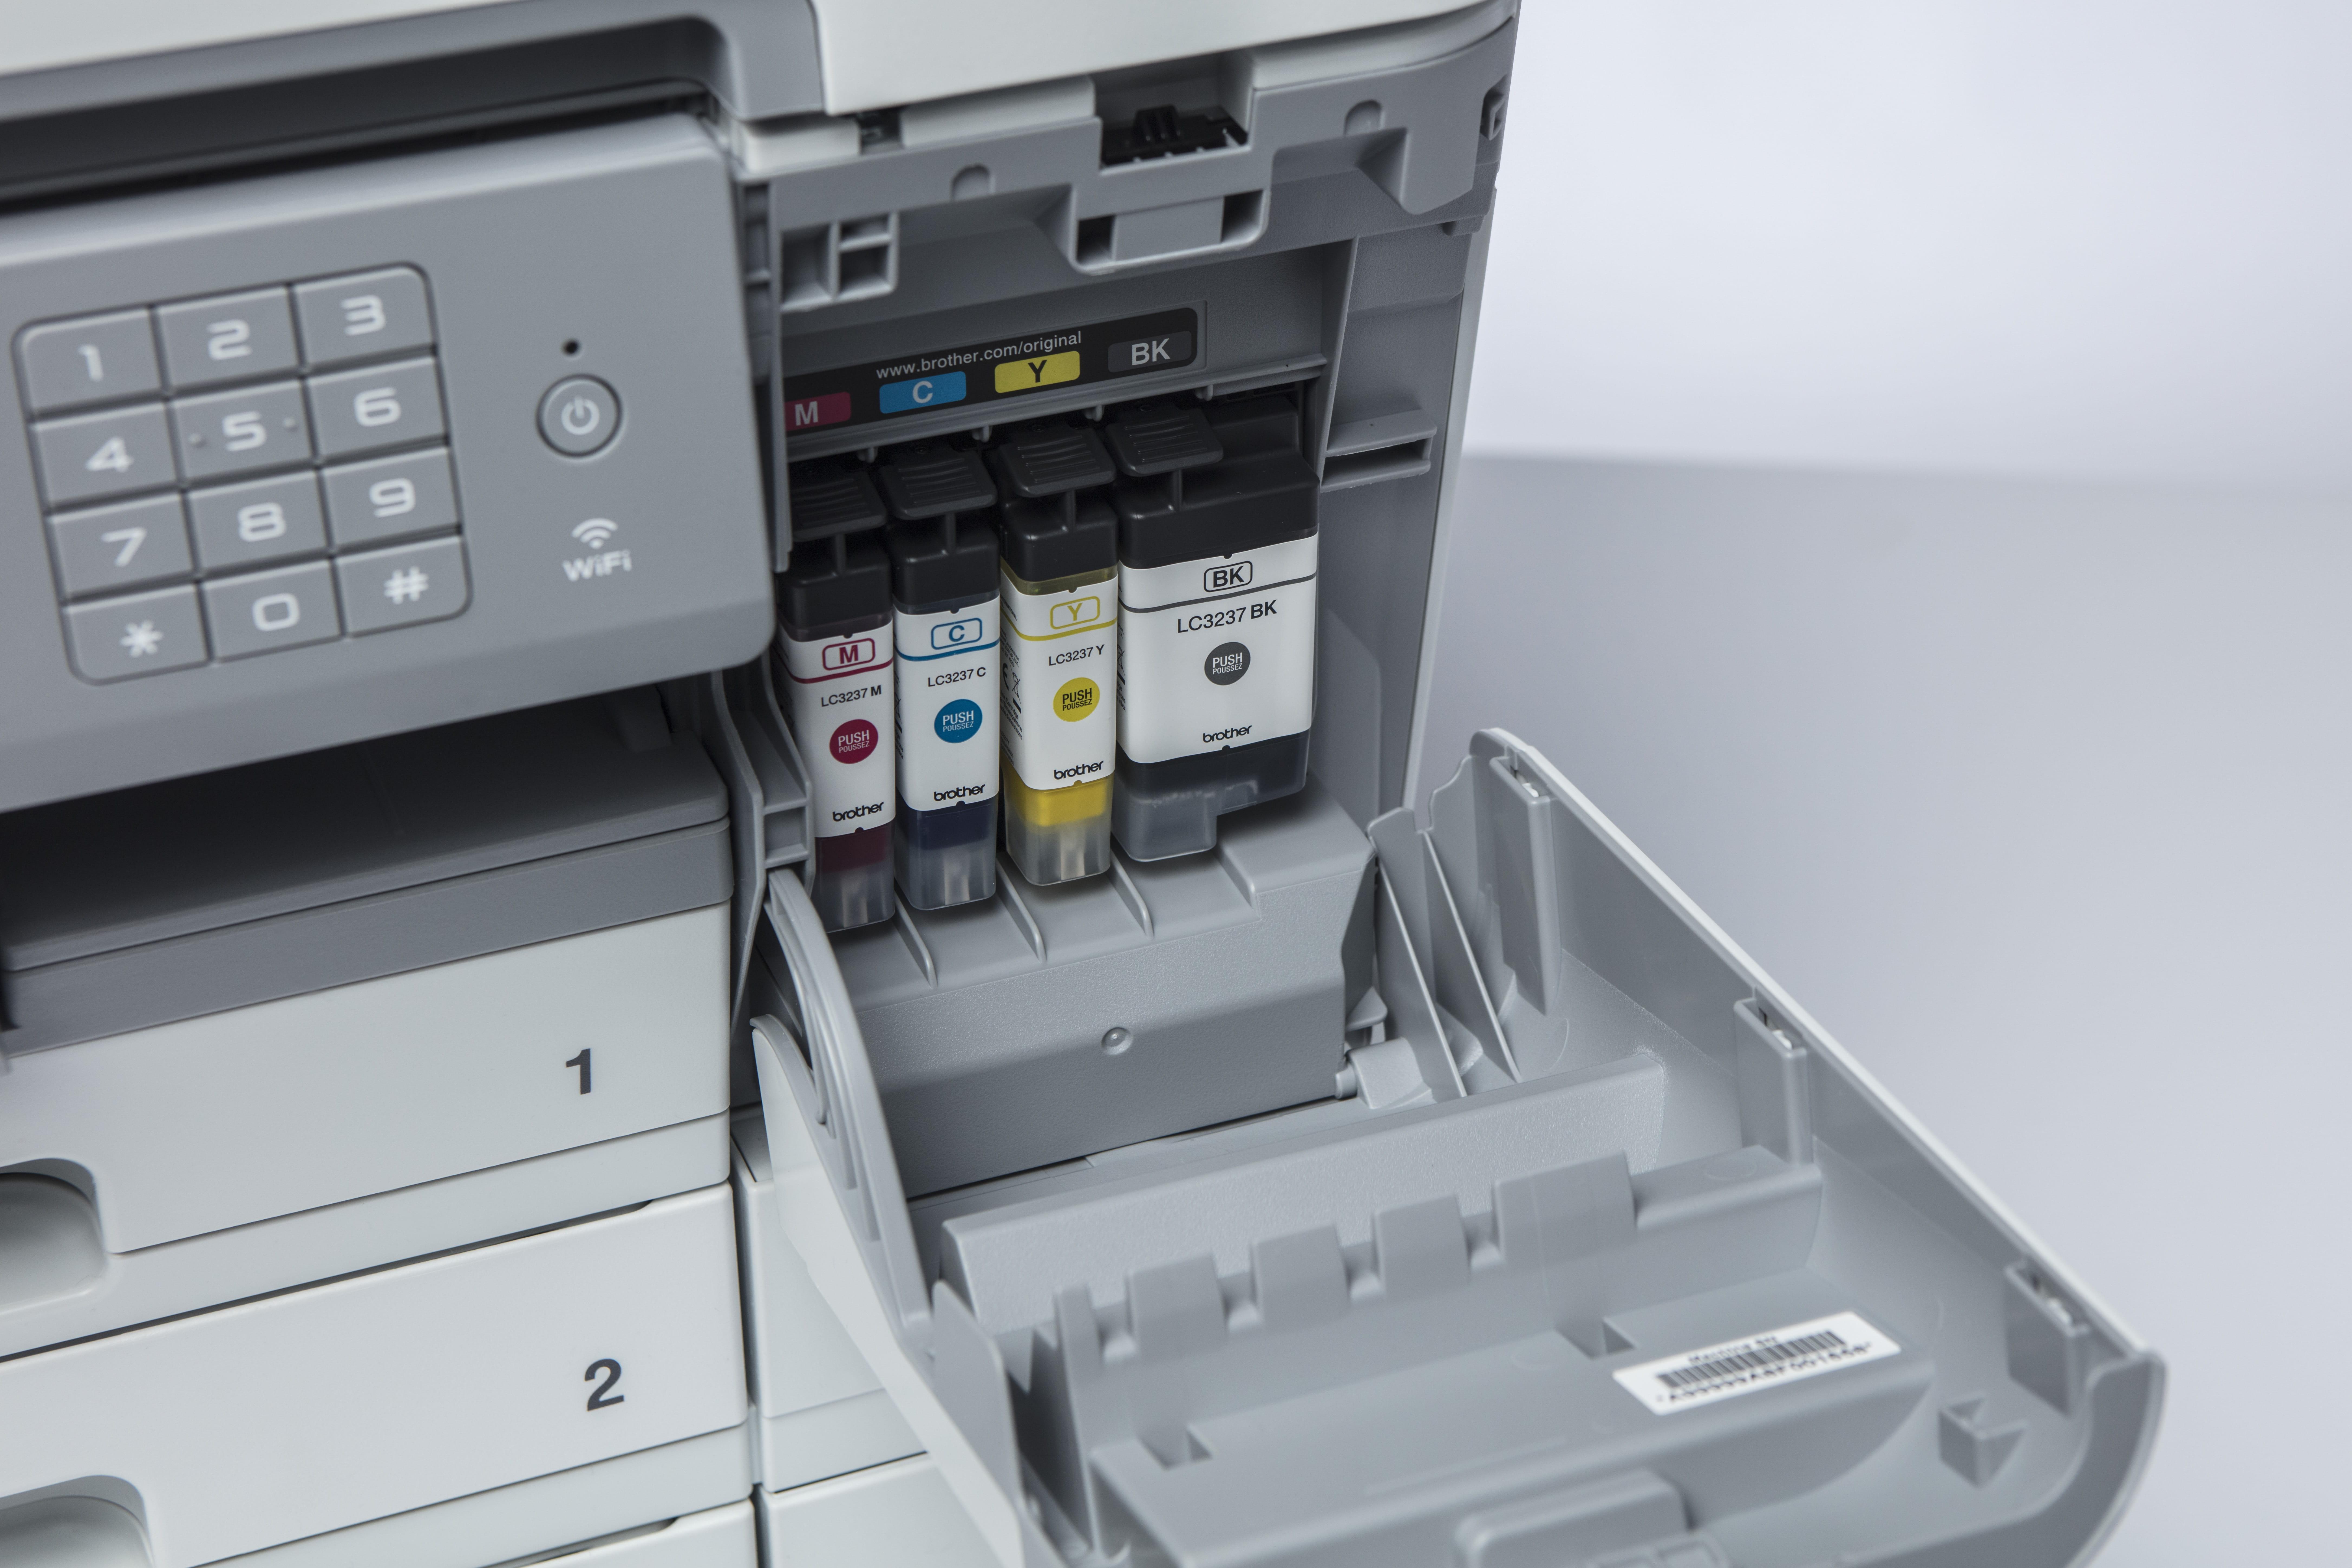 Blekkpatroner installert i Brother MFC J6947DW multifunksjon blekkskriver